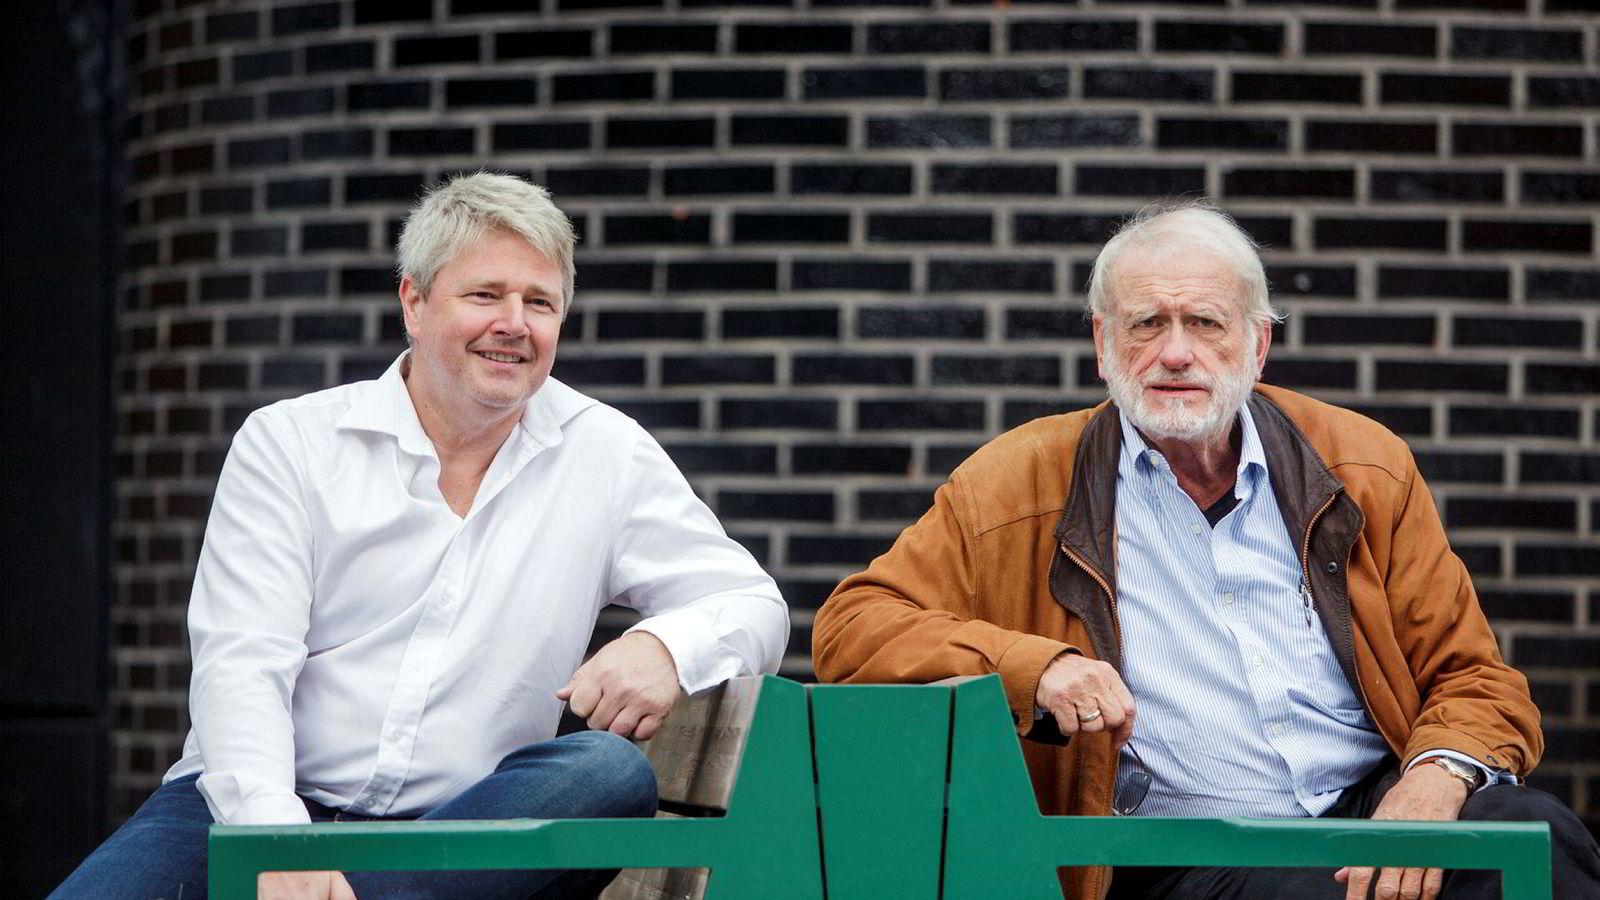 Daglig leder Richard Espeseth (til venstre) og styreleder Terje Mikalsen (til høyre) i Hydrogenpro ser ikke på hydrogenselskapet Nel som en konkurrent. Nel-sjef Jon André Løkke mener argumentene til Espeseth faller på sin egen urimelighet.